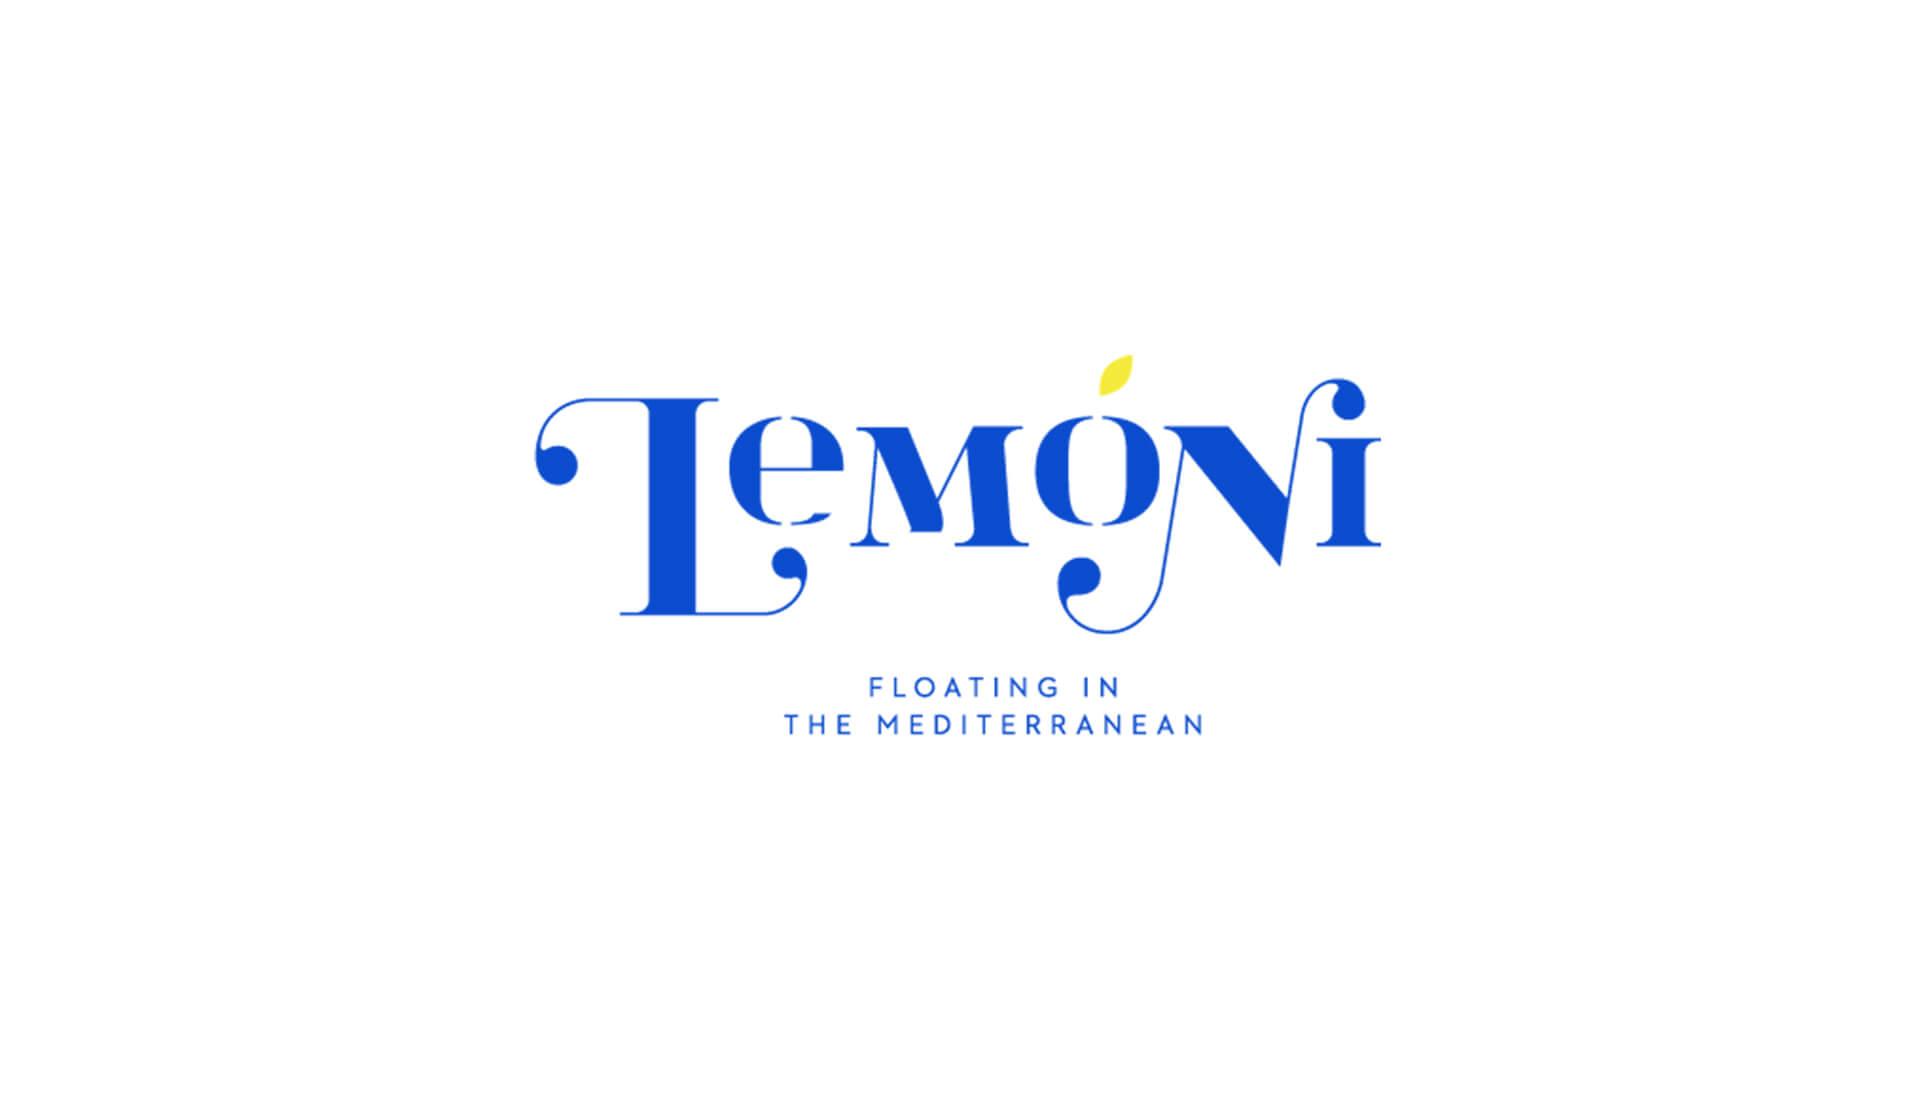 lemoni-portfolio-2